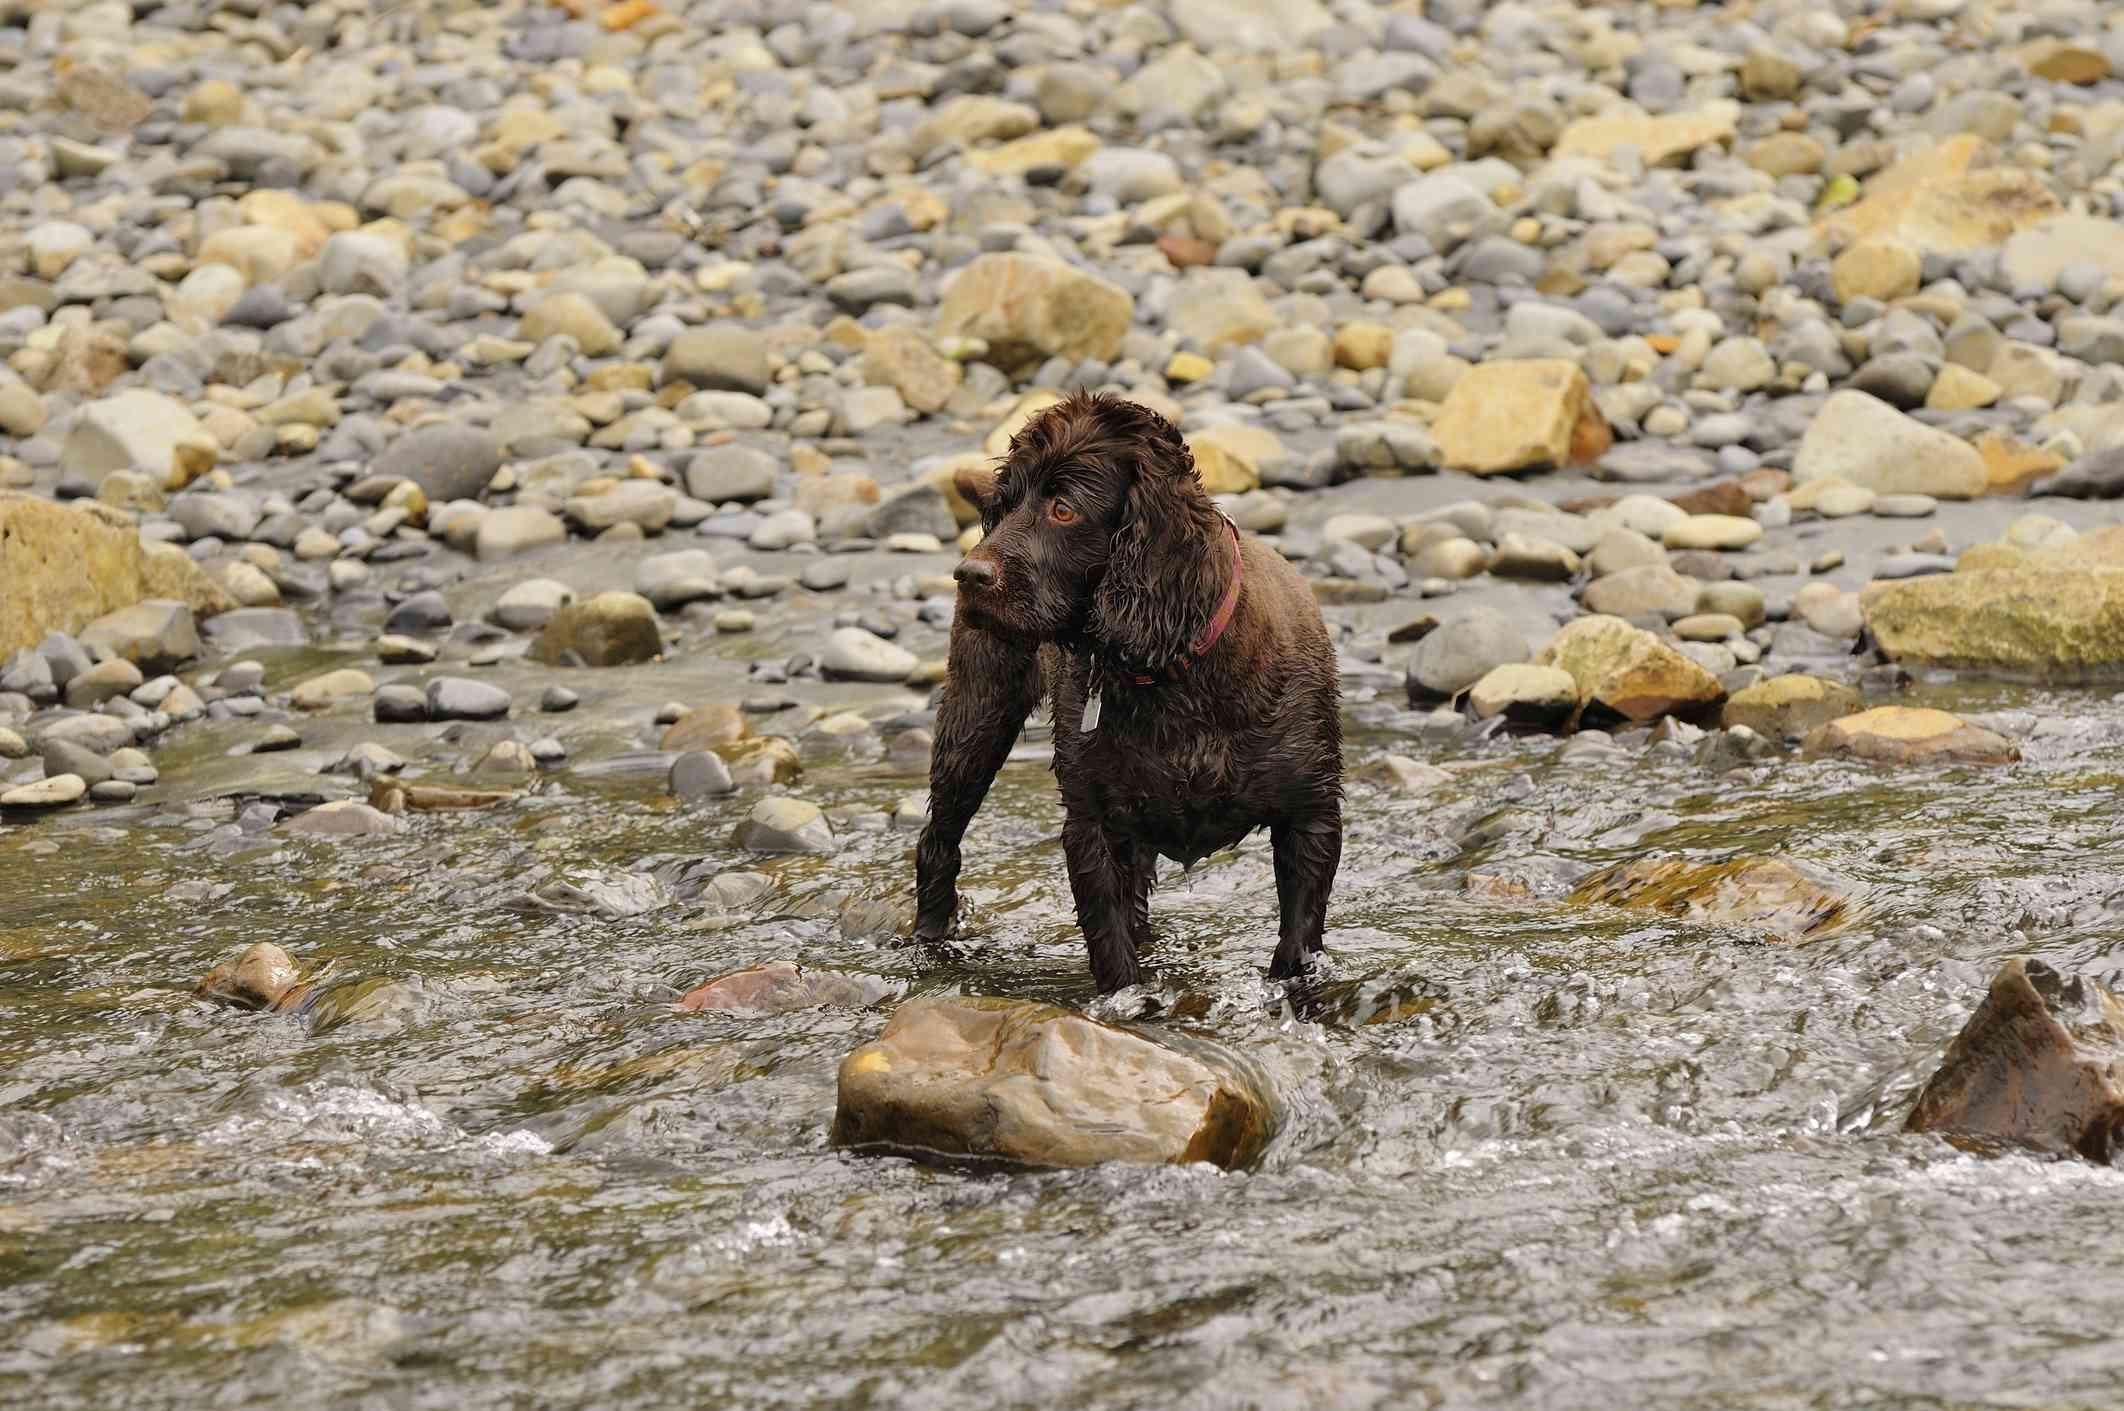 Boykin Spaniel standing in stream all wet.